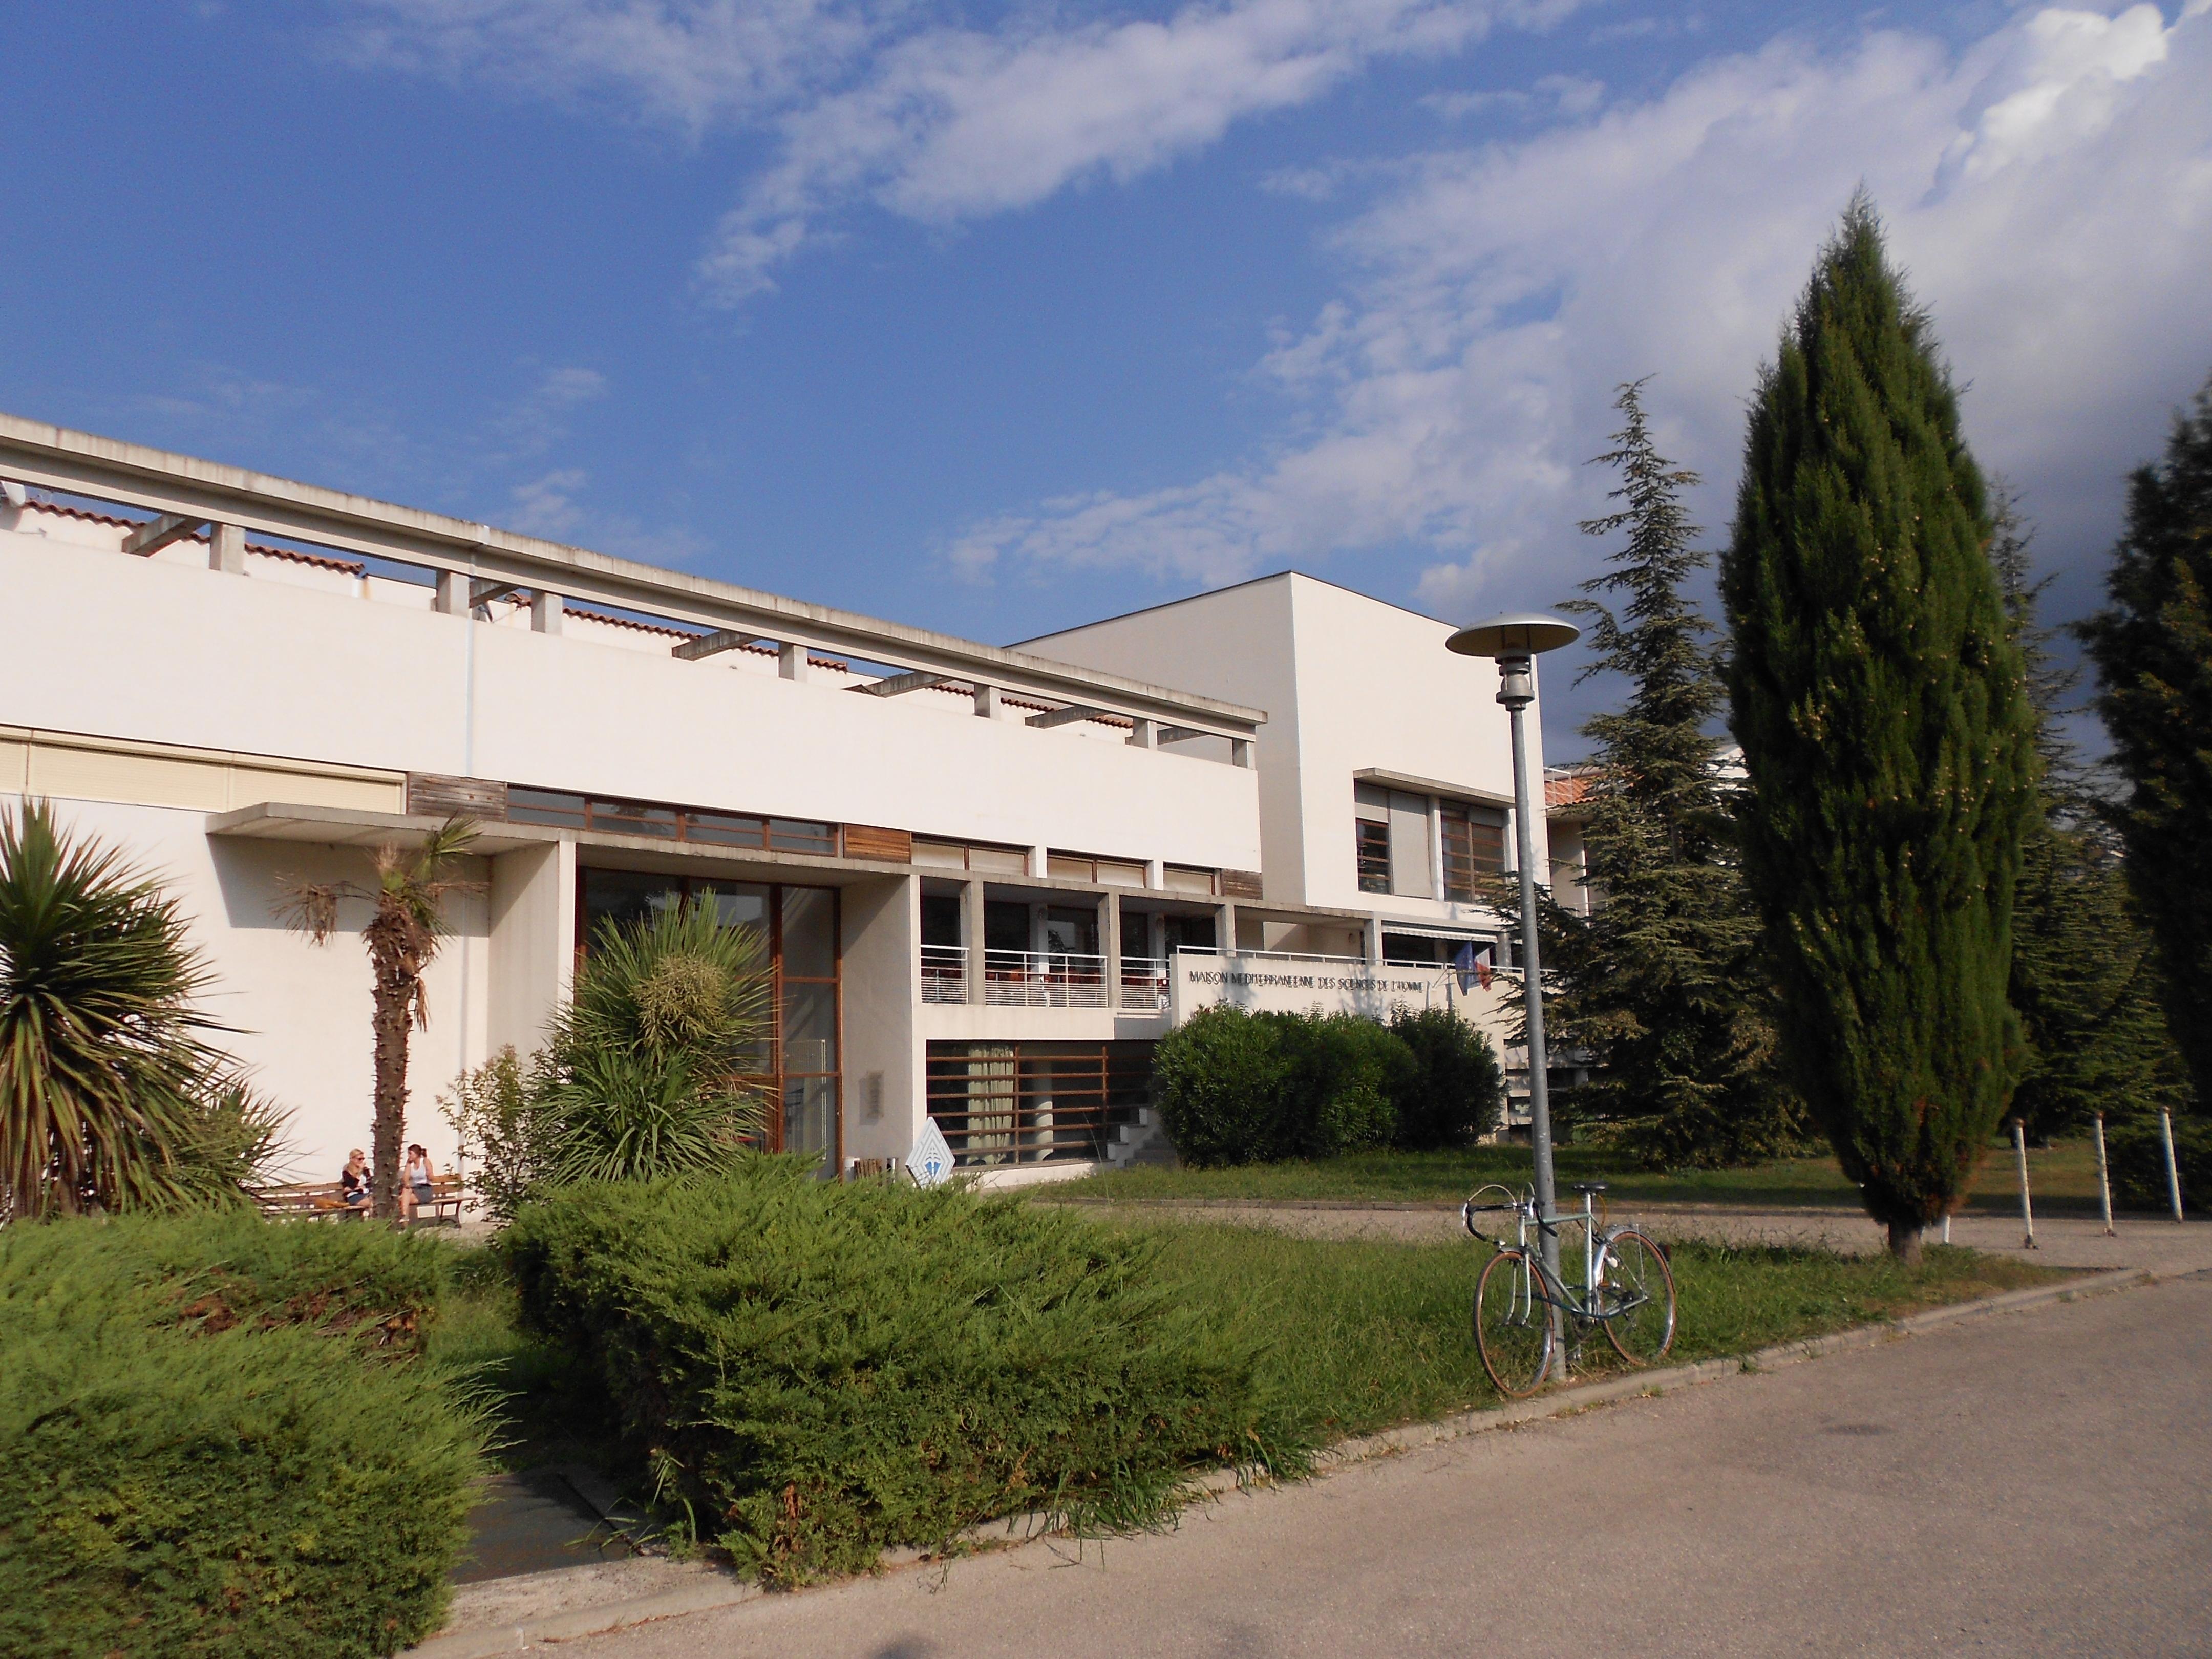 Photo Maison Mediterraneenne fichier:maison méditerranéenne des sciences de l'homme à aix-en